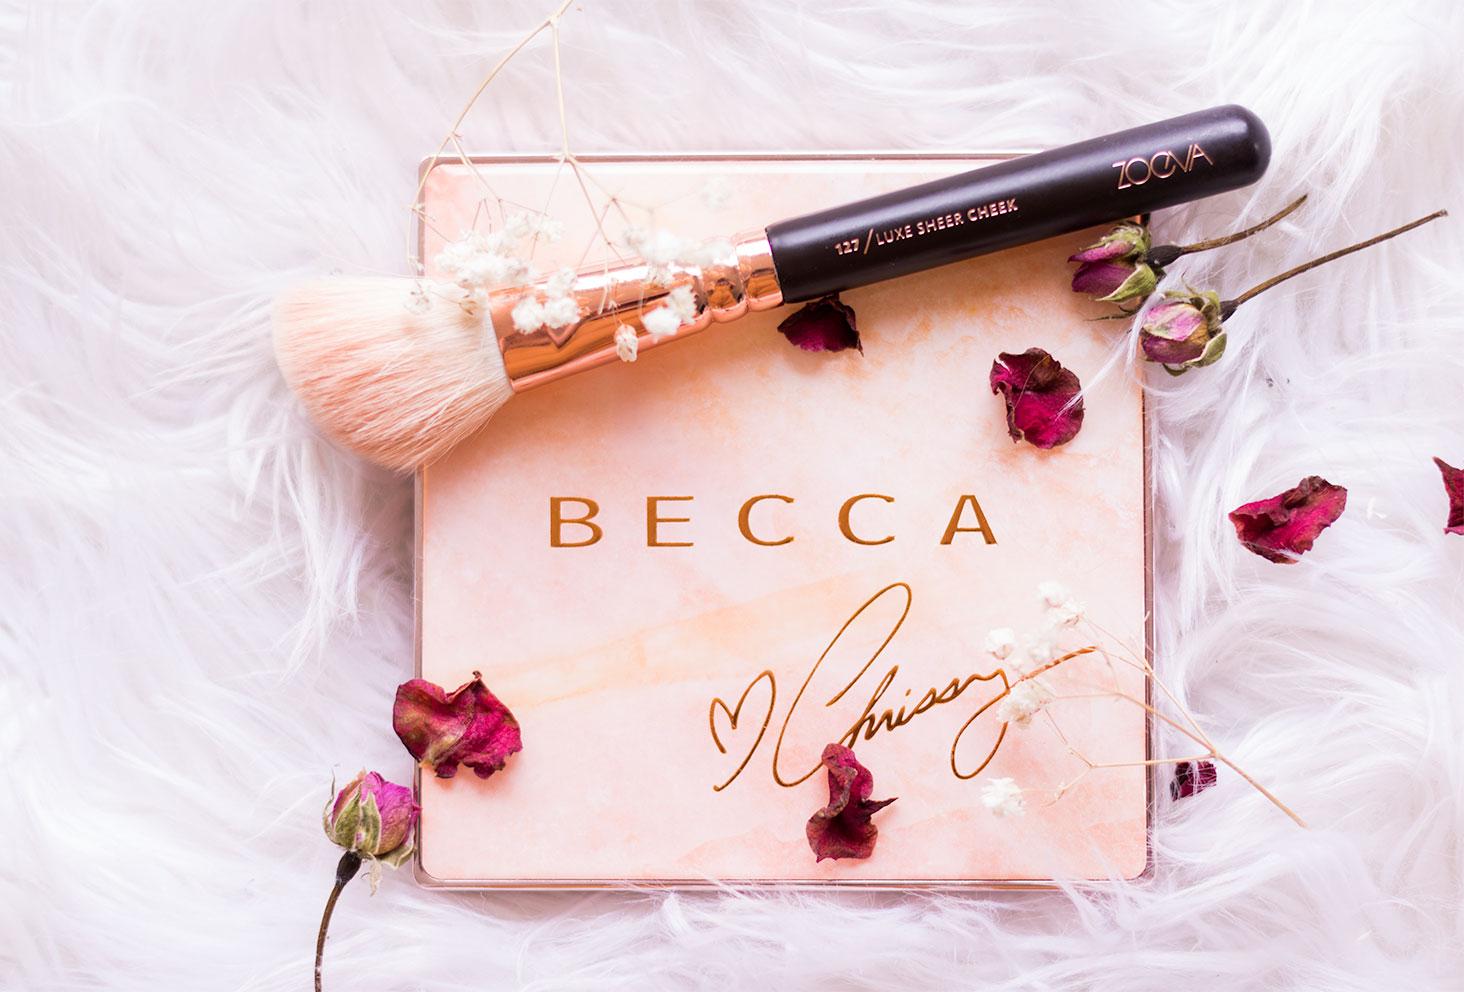 Zoom sur la palette Chrissy de Becca sur un tapis blanc au milieu des fleurs séchées surplombée d'un pinceau ZOEVA